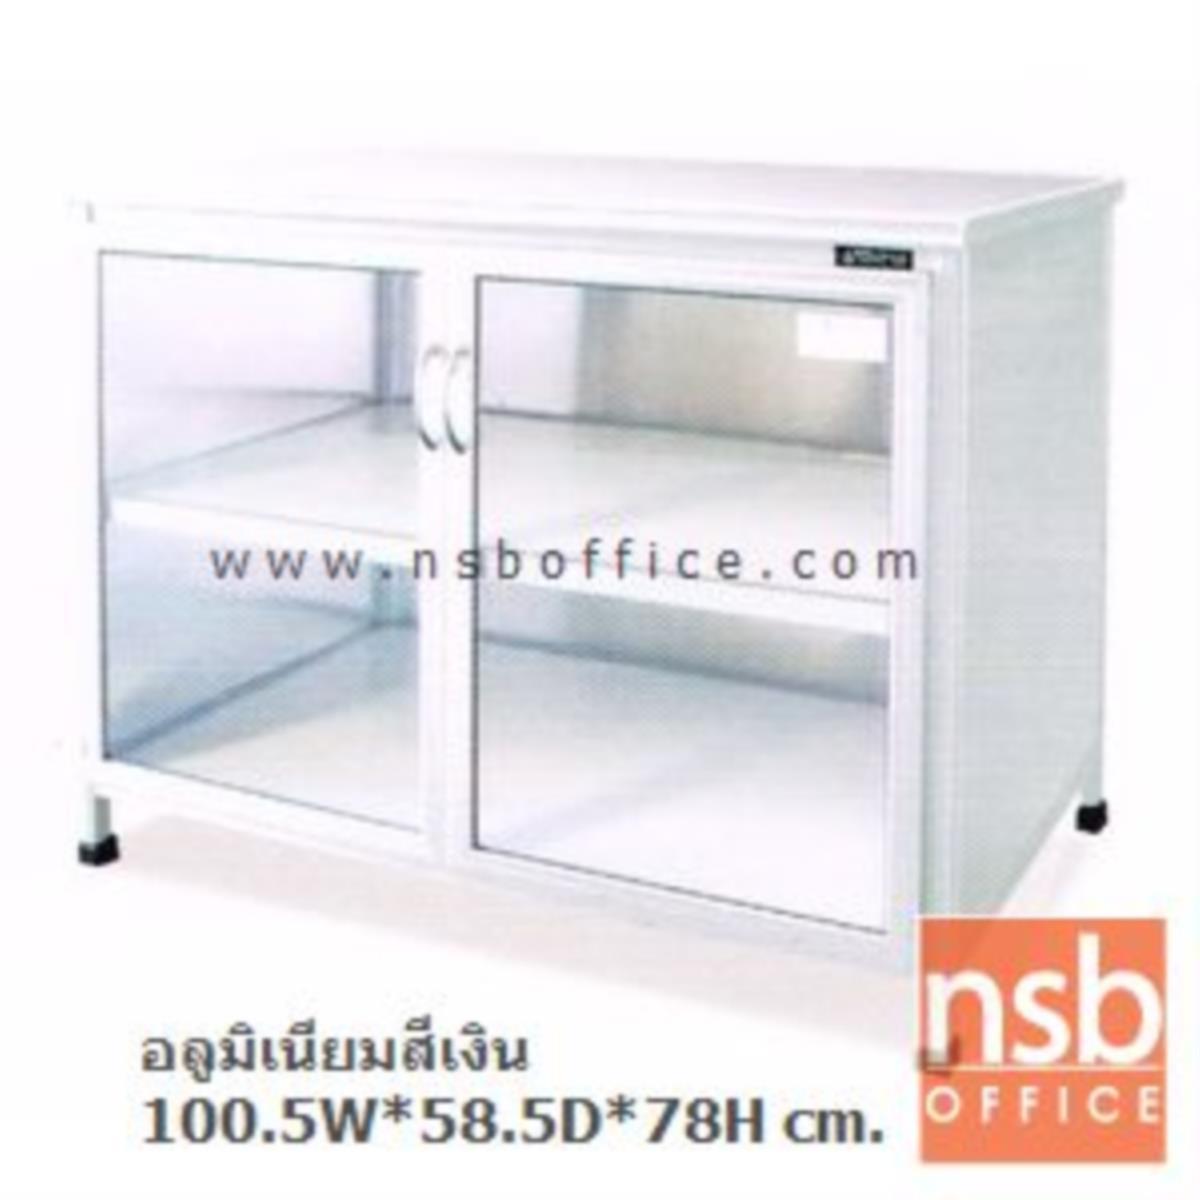 ตู้ครัวอลูมิเนียม หน้าบานกระจกใส รุ่น Amary 78H*100.5W cm.